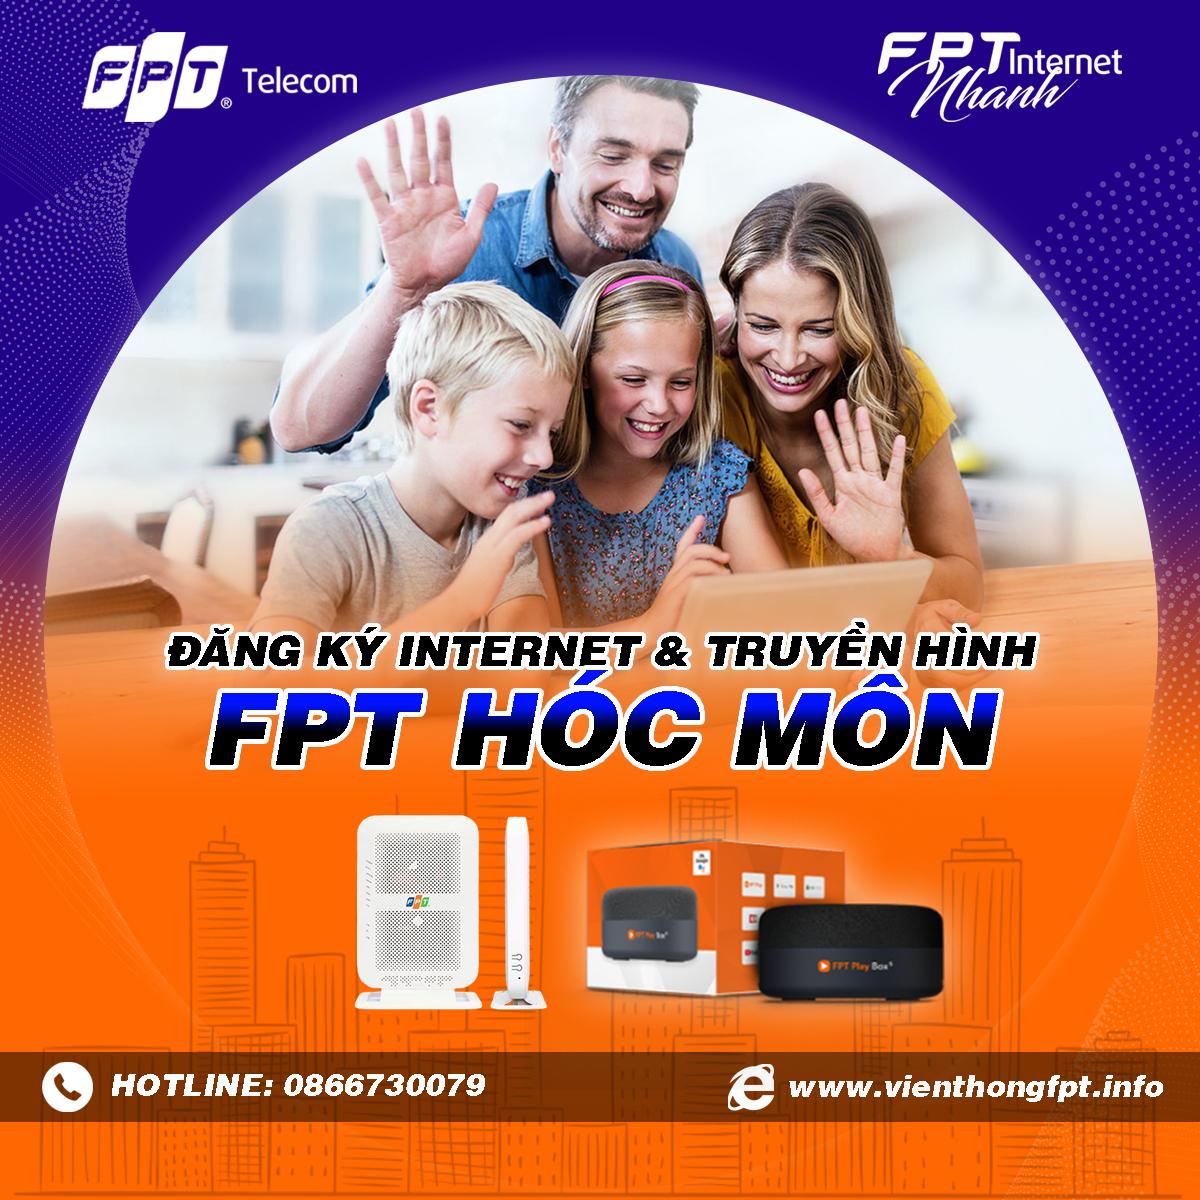 Tổng đài FPT Hóc Môn - Đăng ký Internet và Truyền hình FPT